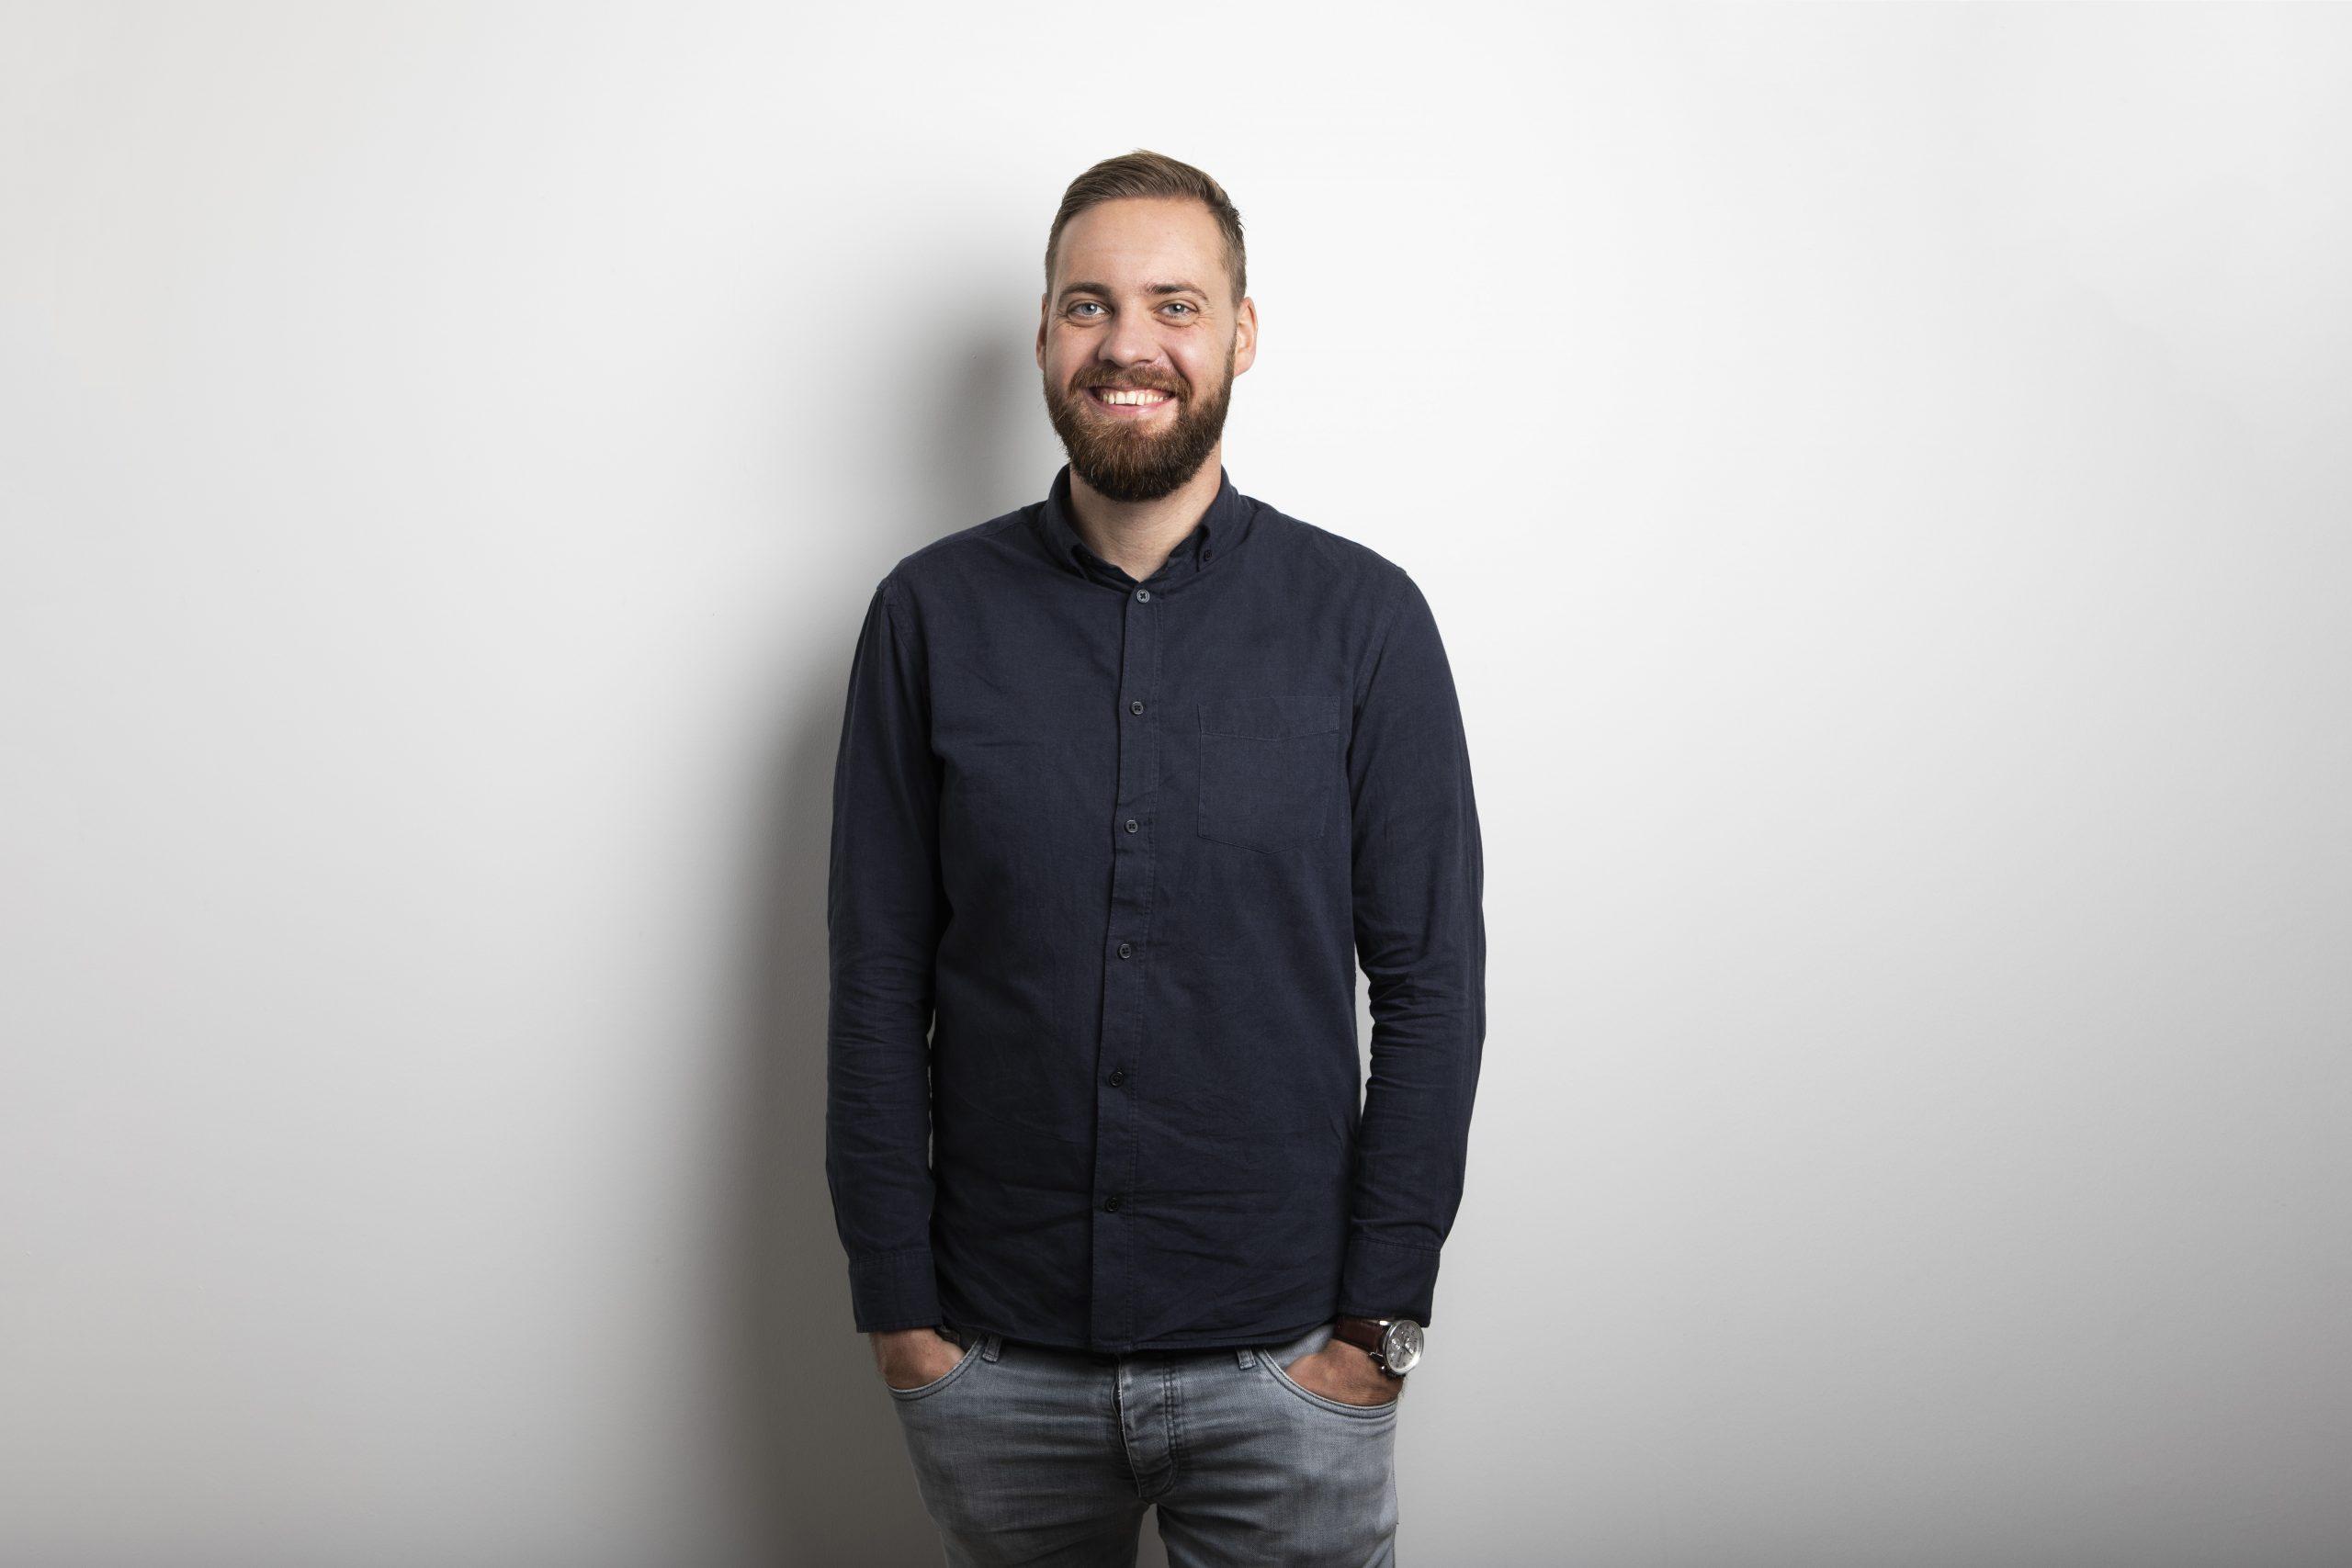 Tobias Holtz